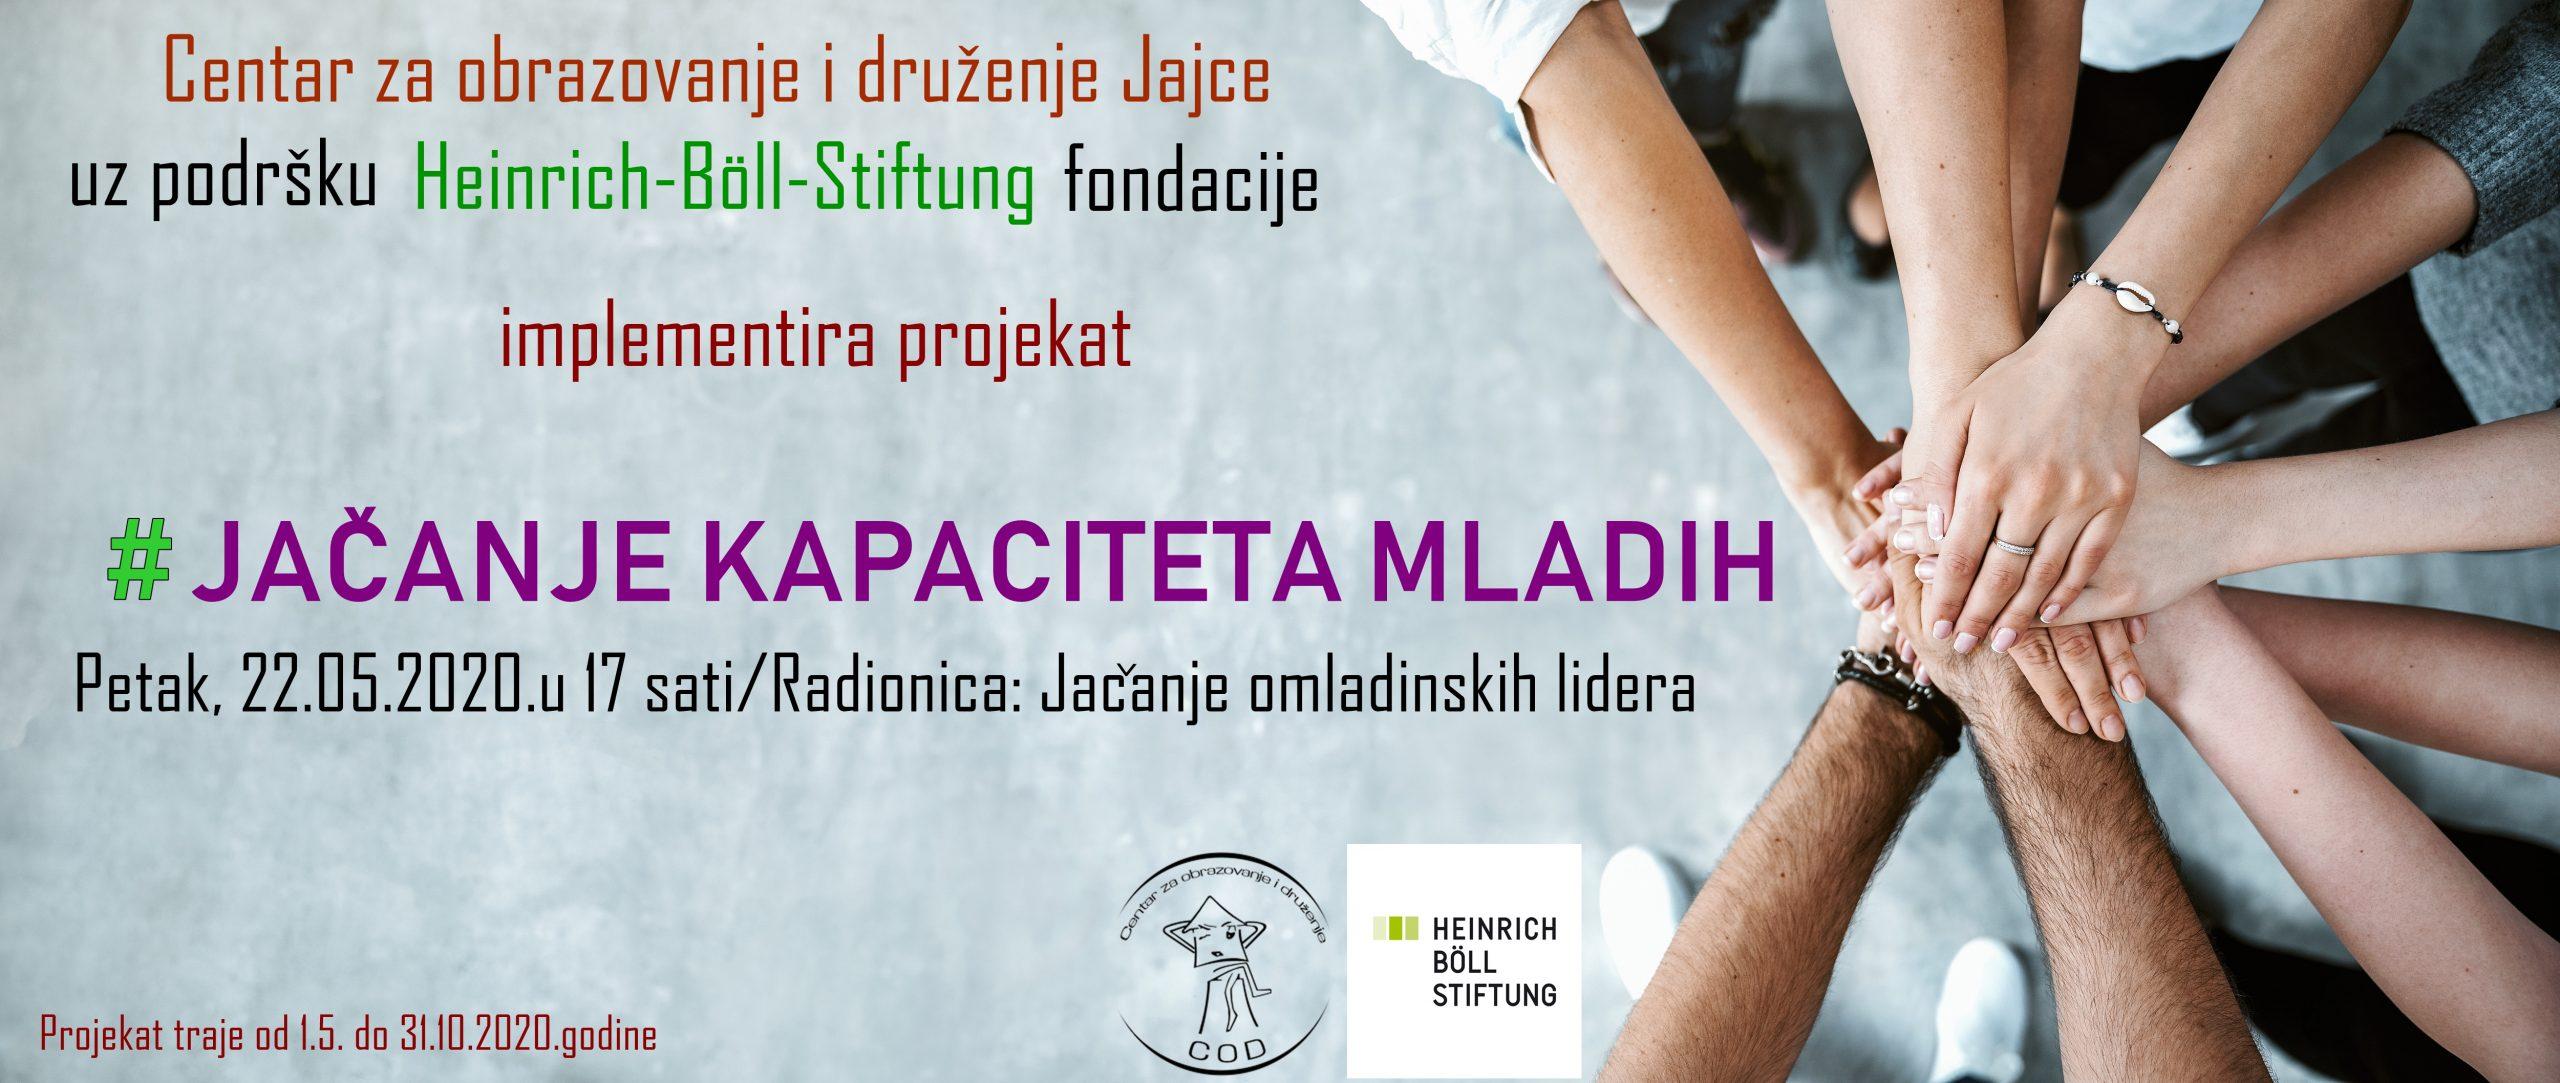 """COD/U petak druga radionica u okviru projekta """"Jačanje kapaciteta mladih"""""""